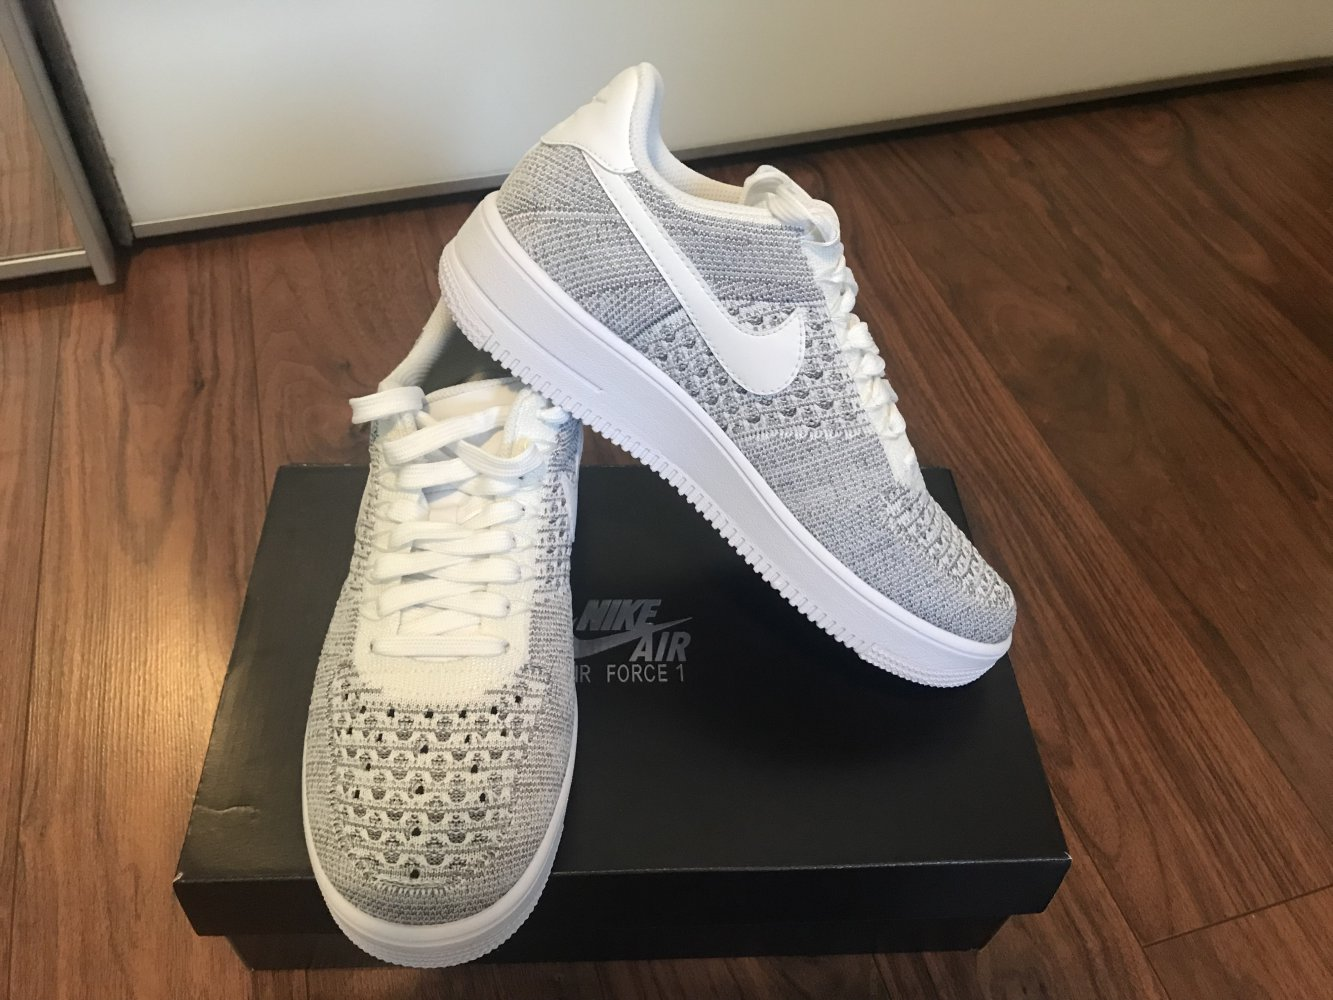 Kaufen Nike Air Force 1 Schuhe und brandneue, ungetragene